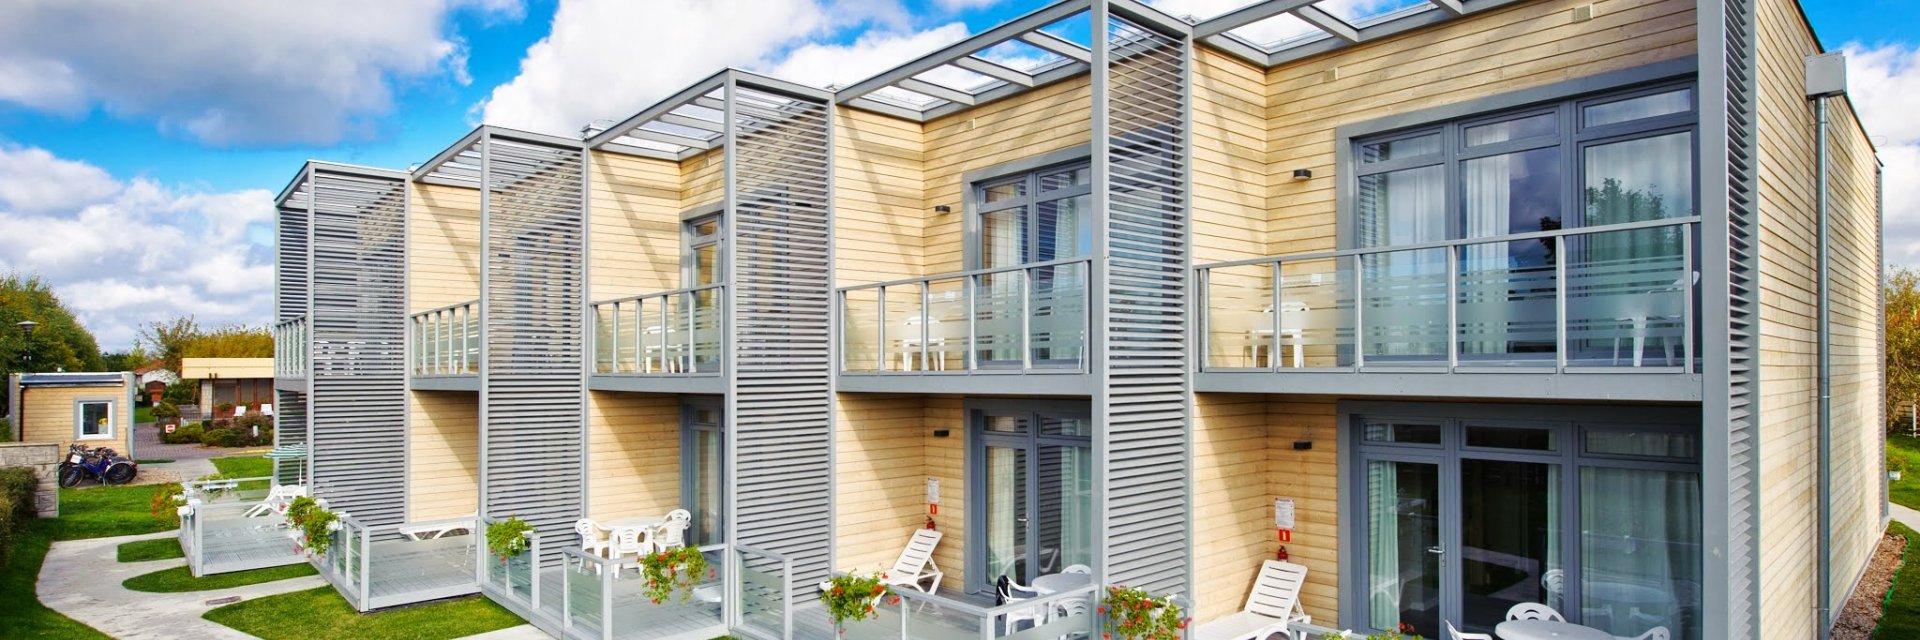 Weekendy SPA w apartamentach, domkach i rodzinnych pokojach 2+1 i 2+2!